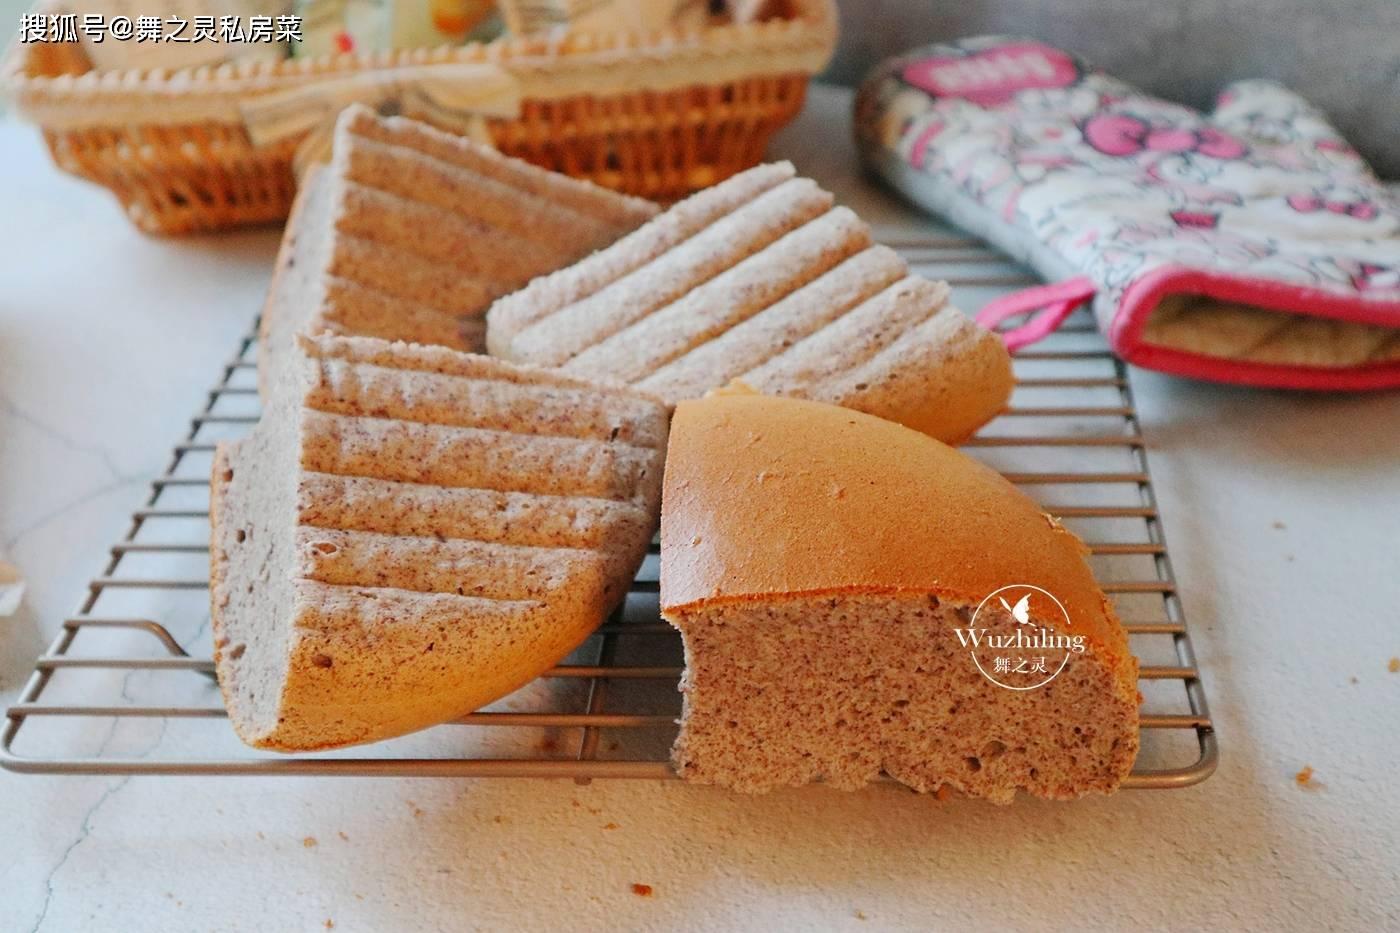 用电饭煲做蛋糕 松软好吃不上火 健康美味 孩子可喜欢了!-家庭网